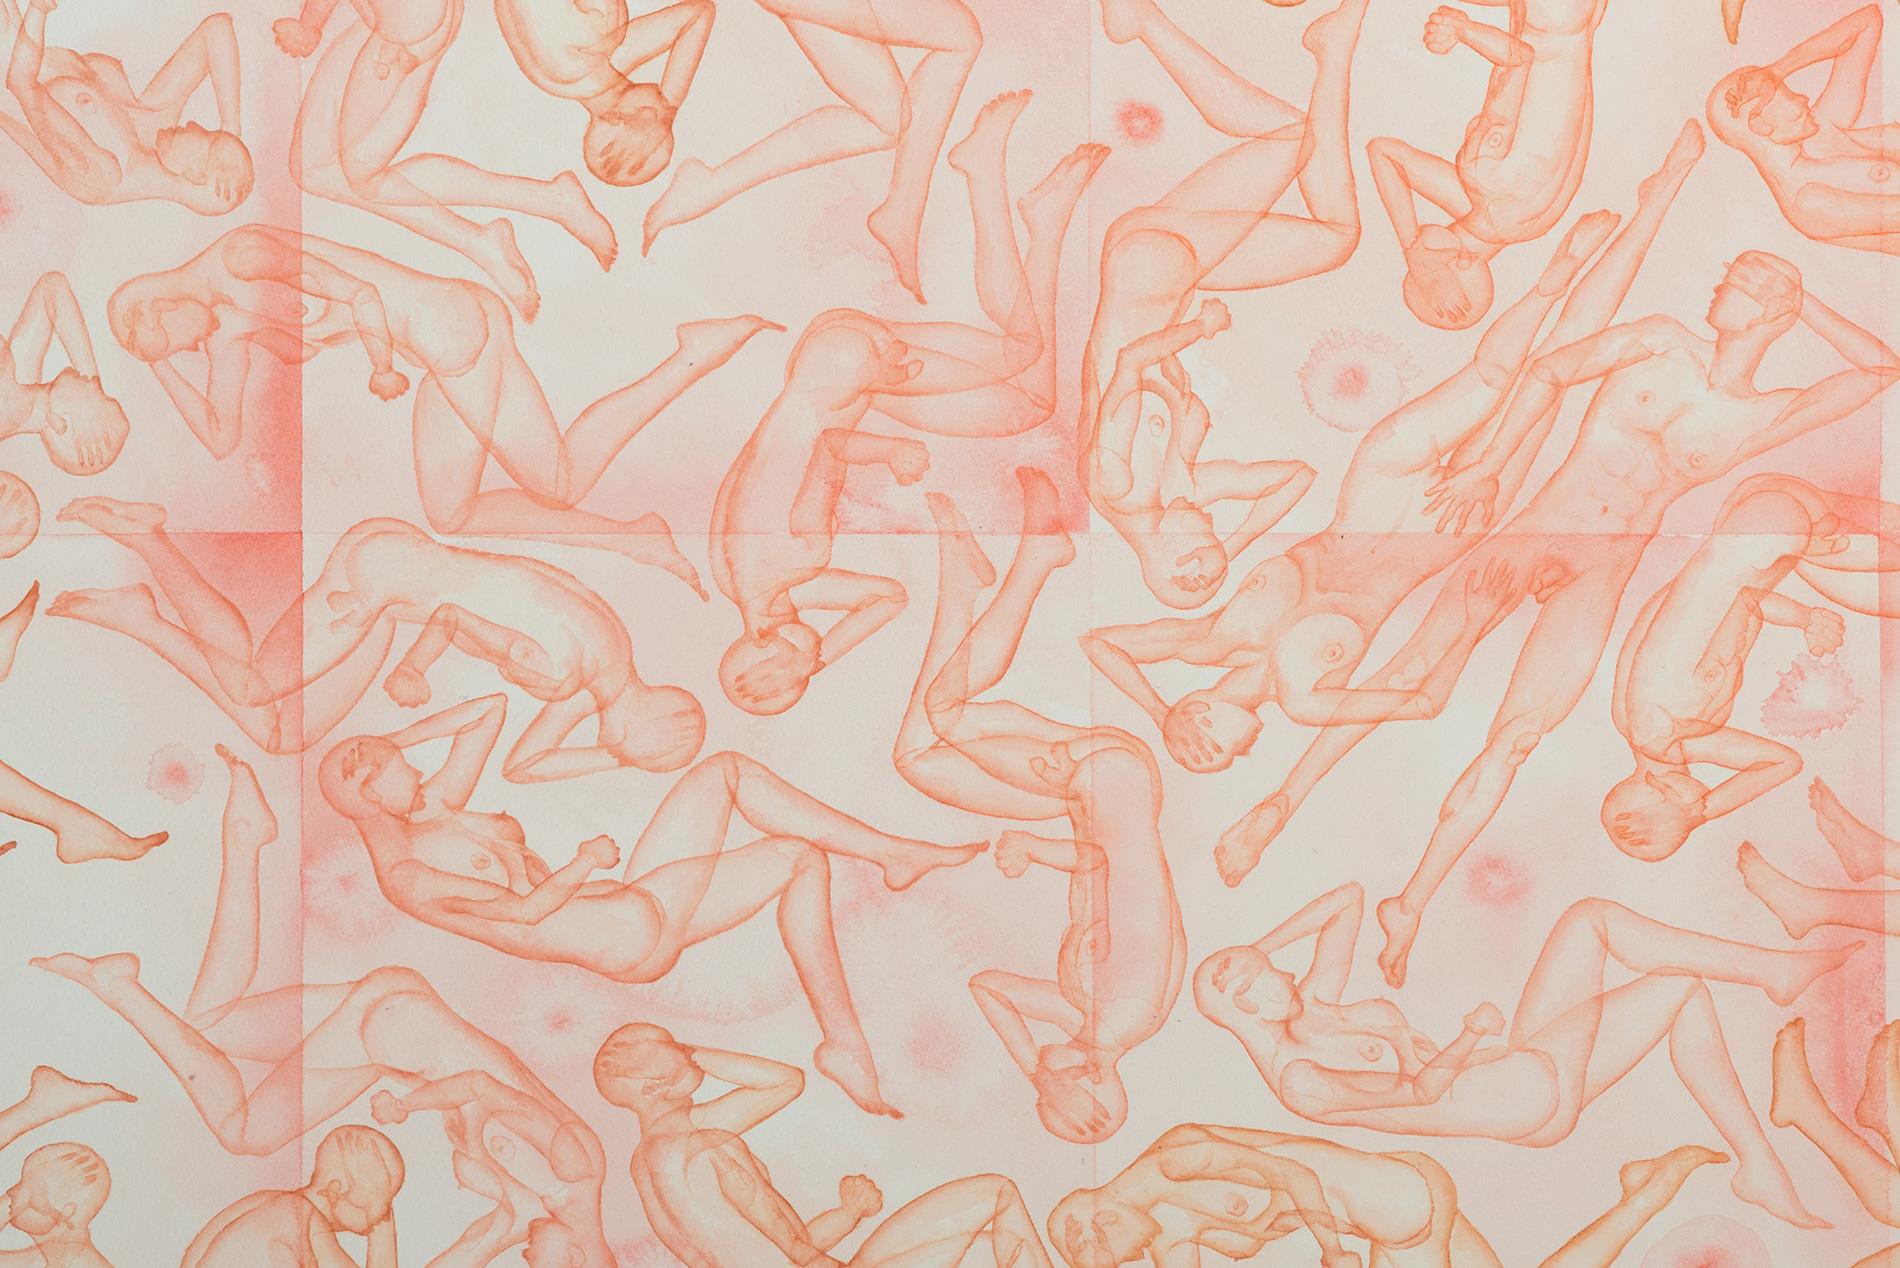 Stefano Bonzano, Omeostasi emotiva, acquerello su carta applicato su due pannelli, 65x105 cm, 2019 (dettaglio).